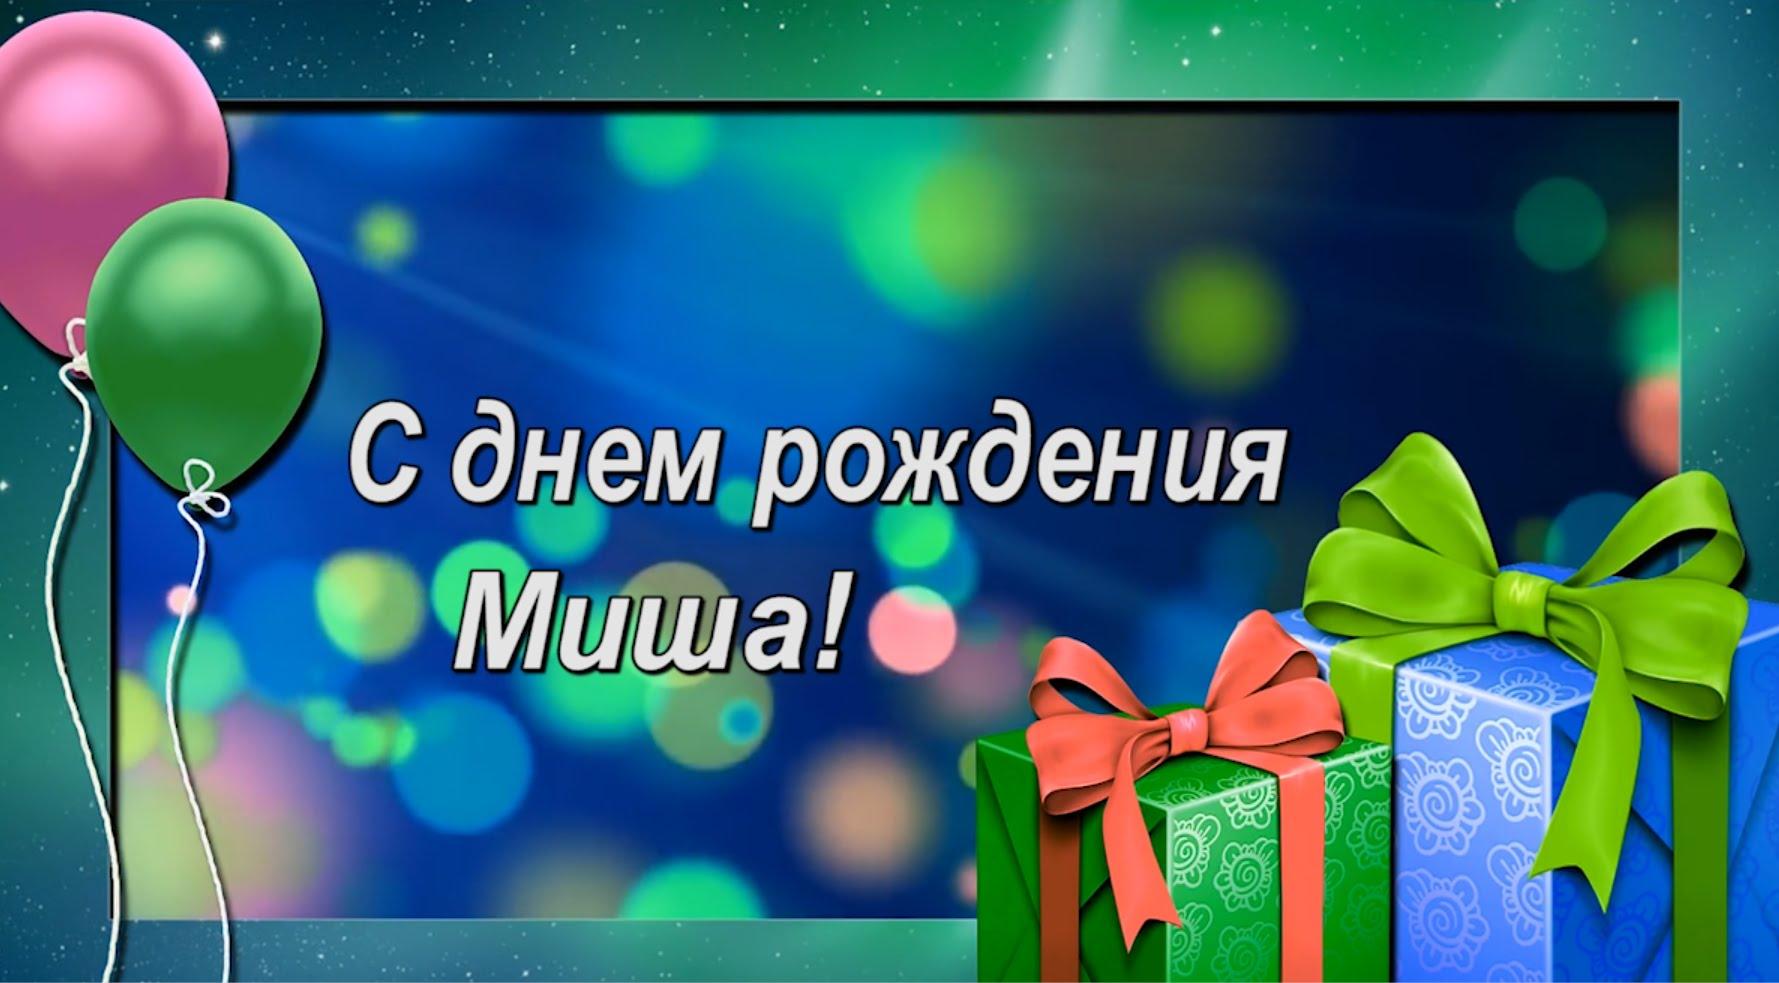 Поздравления мише с днем рождения прикольные короткие